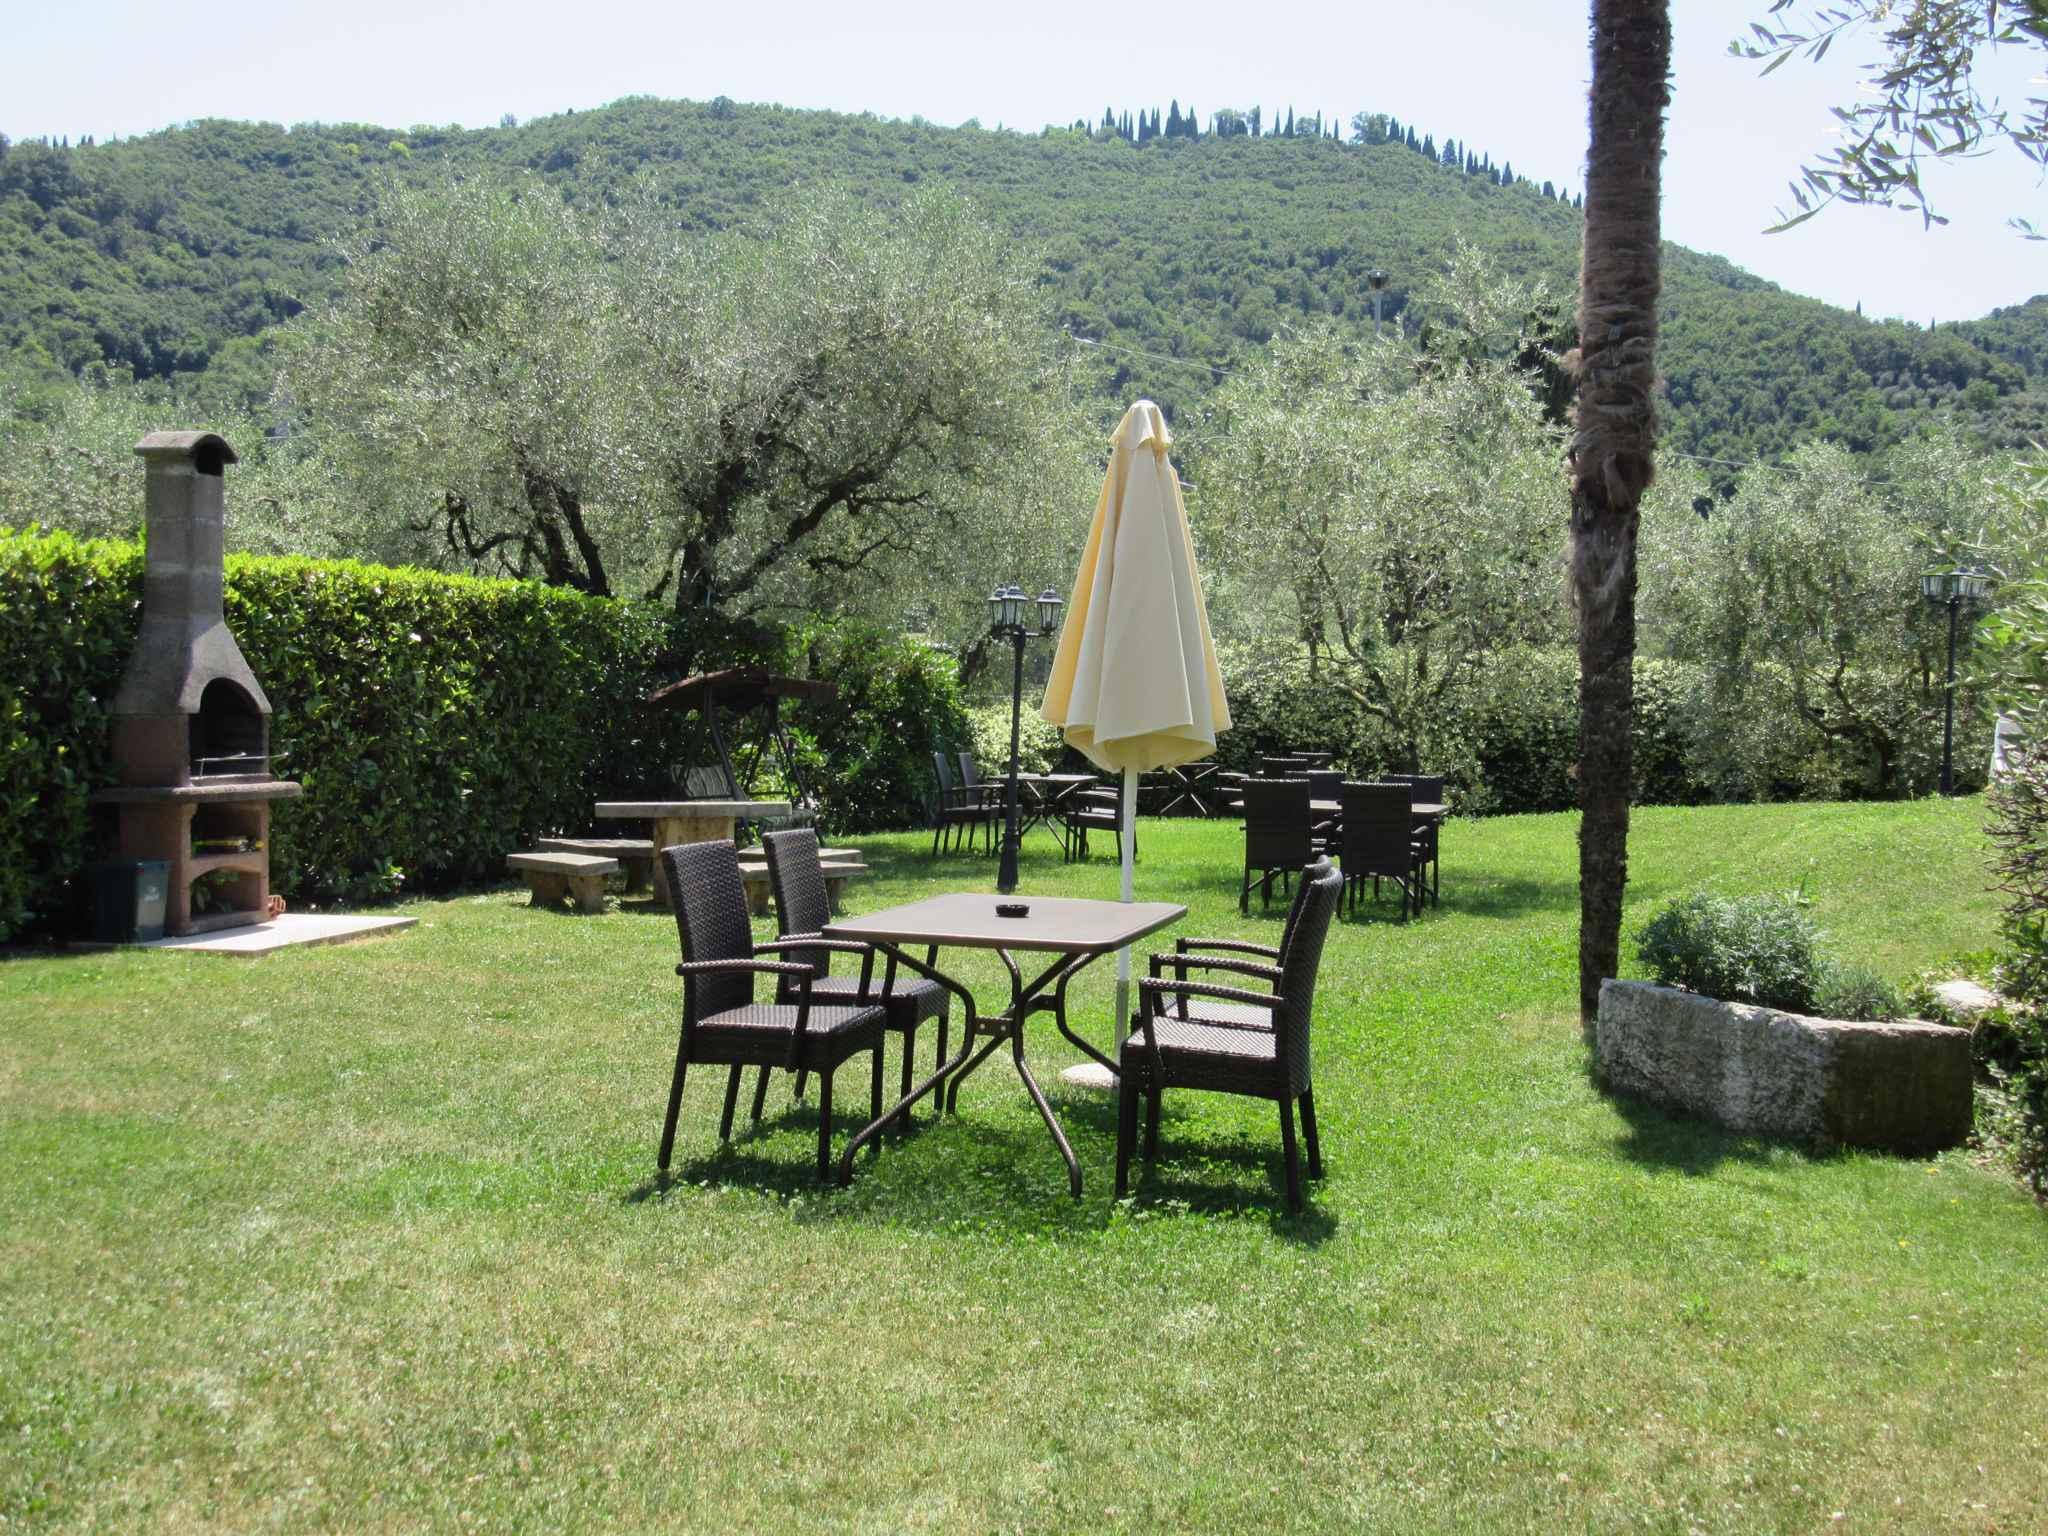 Ferienwohnung mit Balkon (279542), Garda, Gardasee, Venetien, Italien, Bild 7